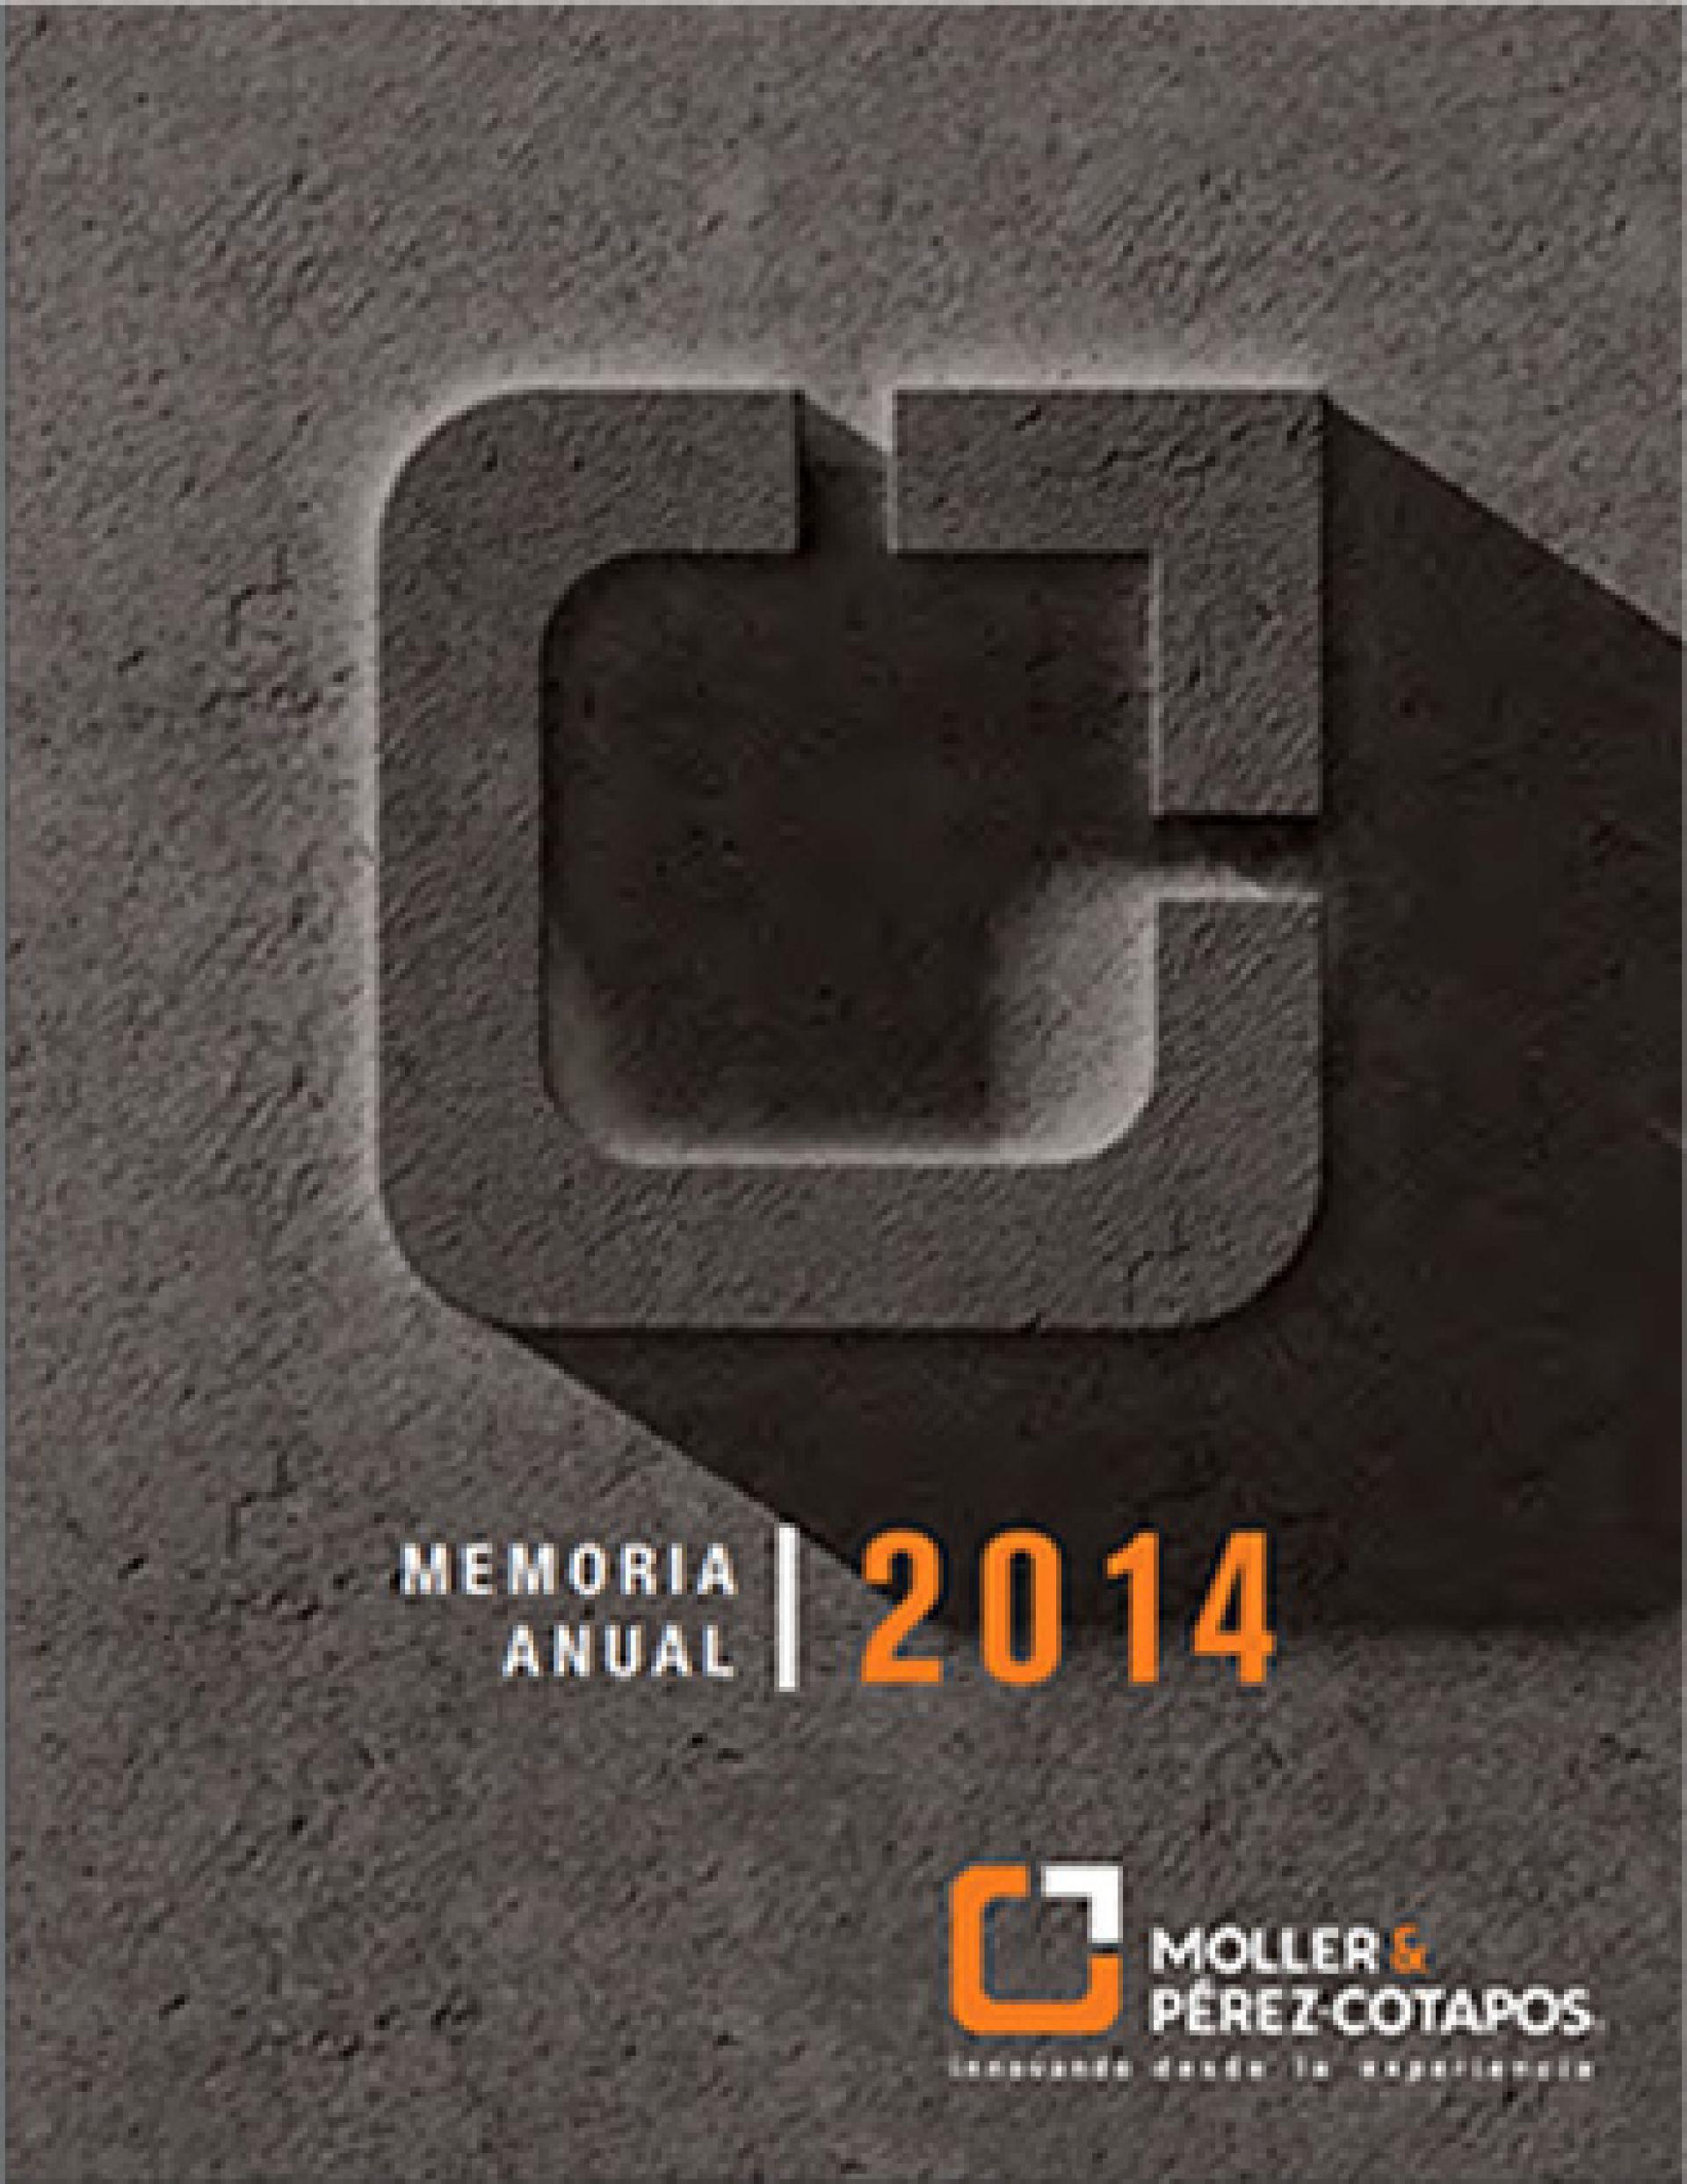 Memoria Anual Moller 2014